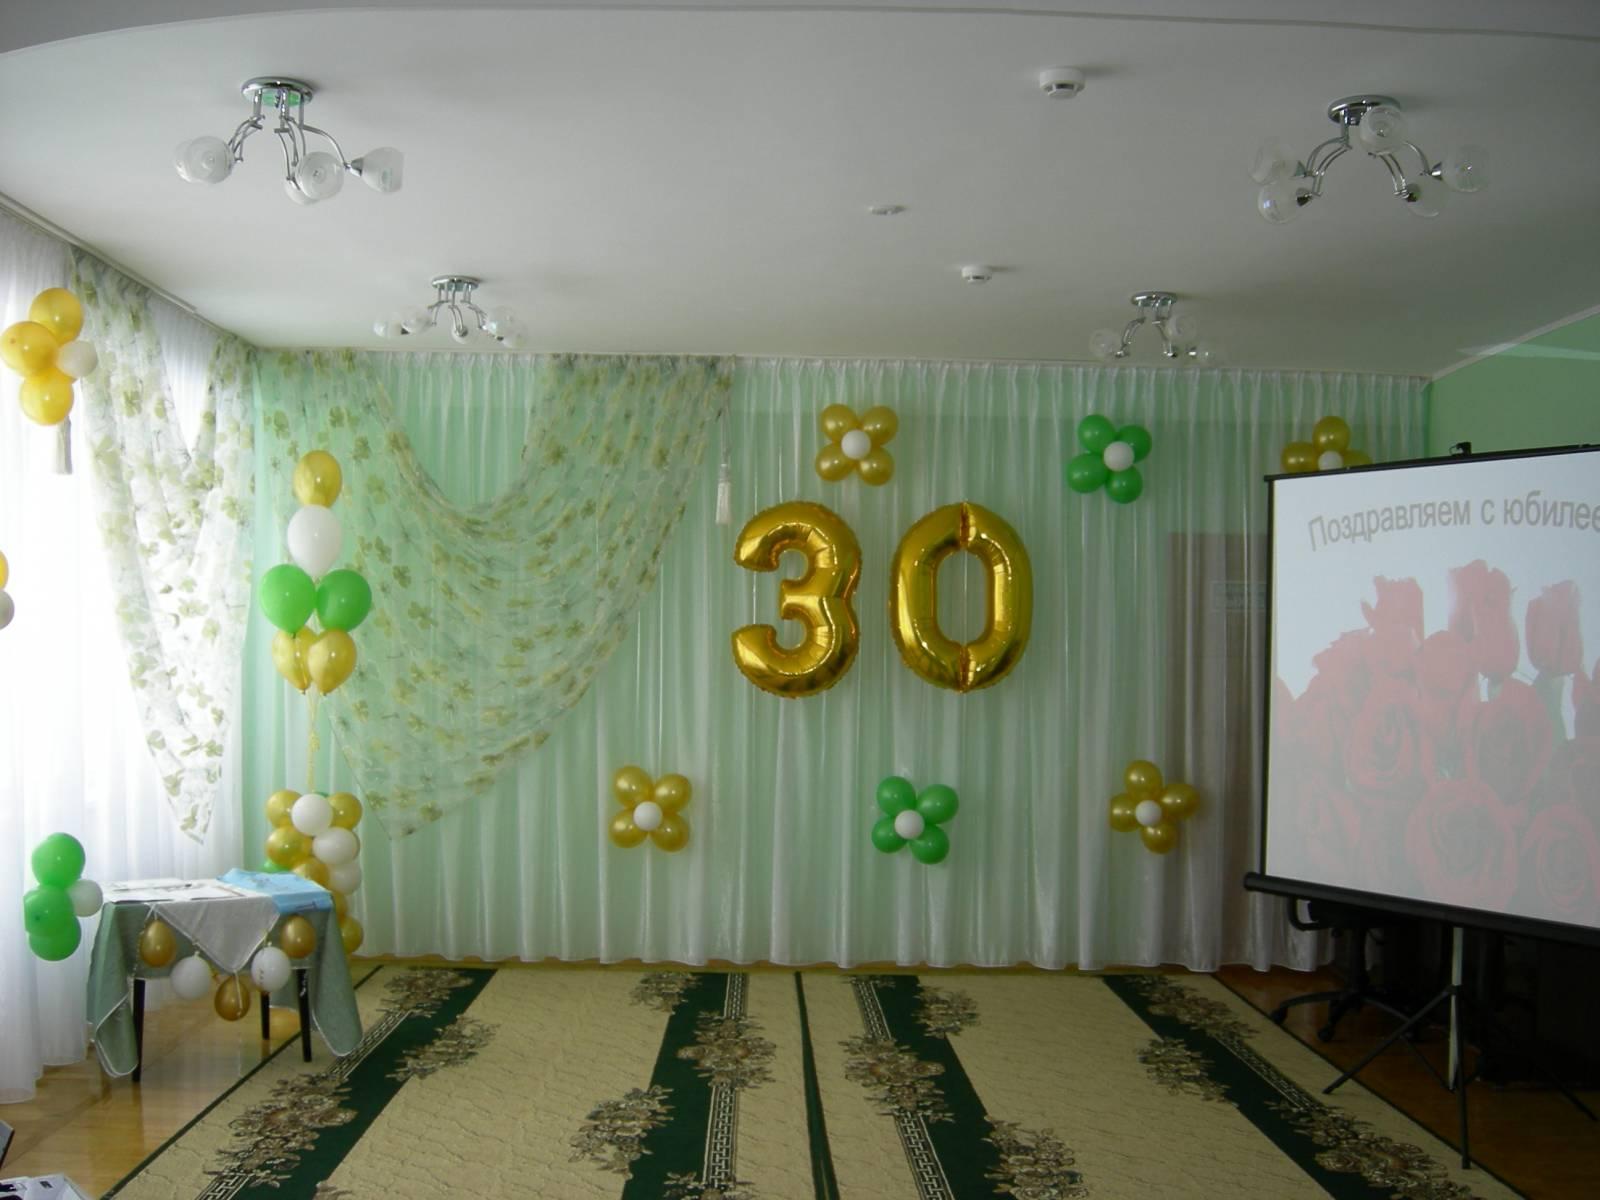 Оформление зала в детском саду своими руками  402